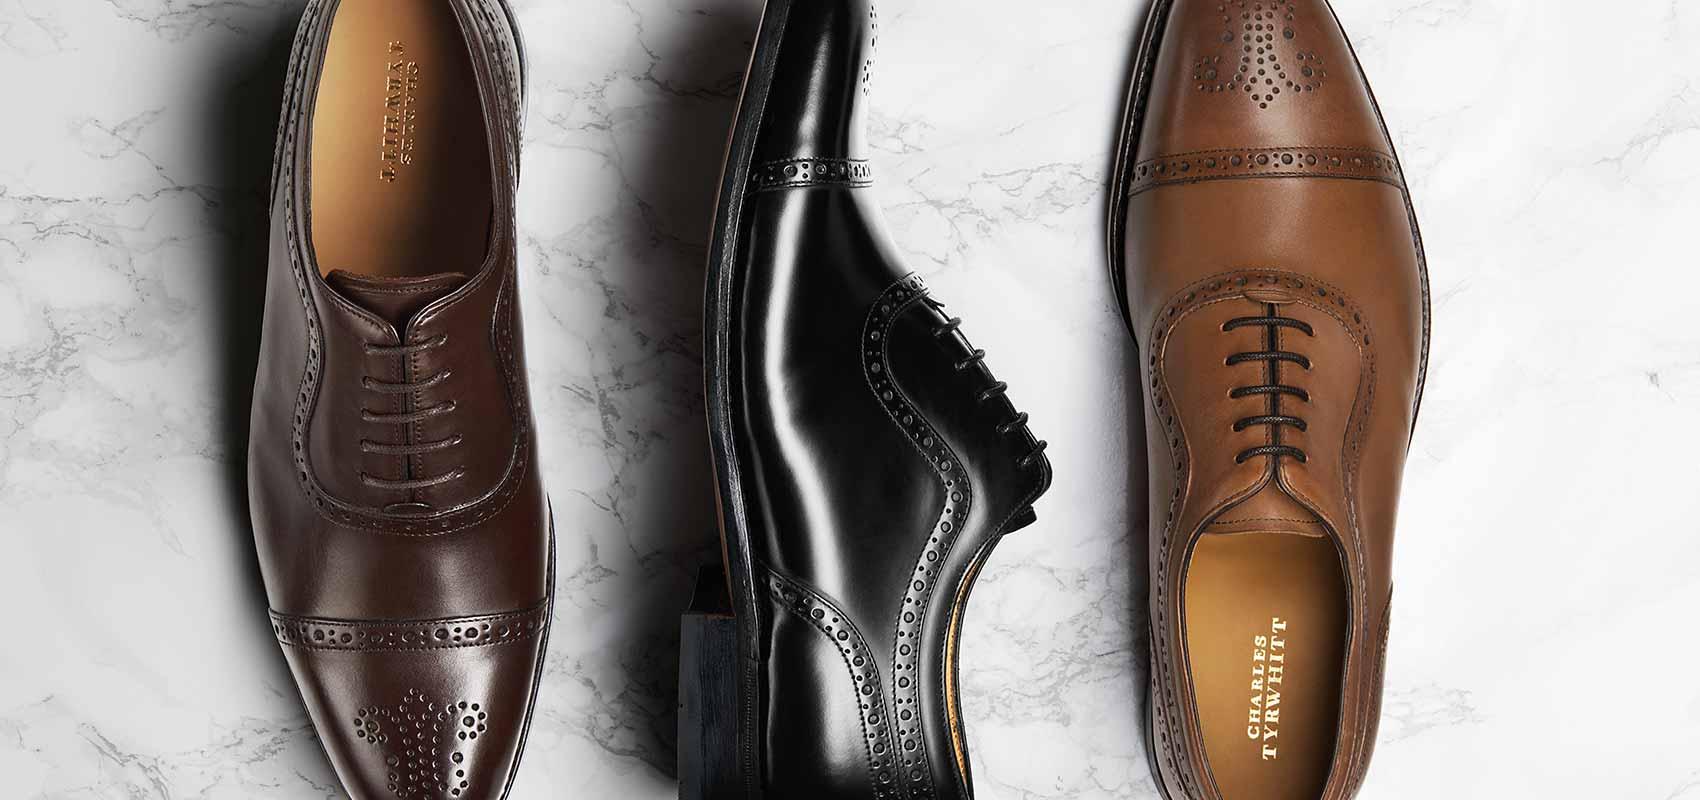 Charles Tyrwhitt Goodyear rahmengenähte Schuhe